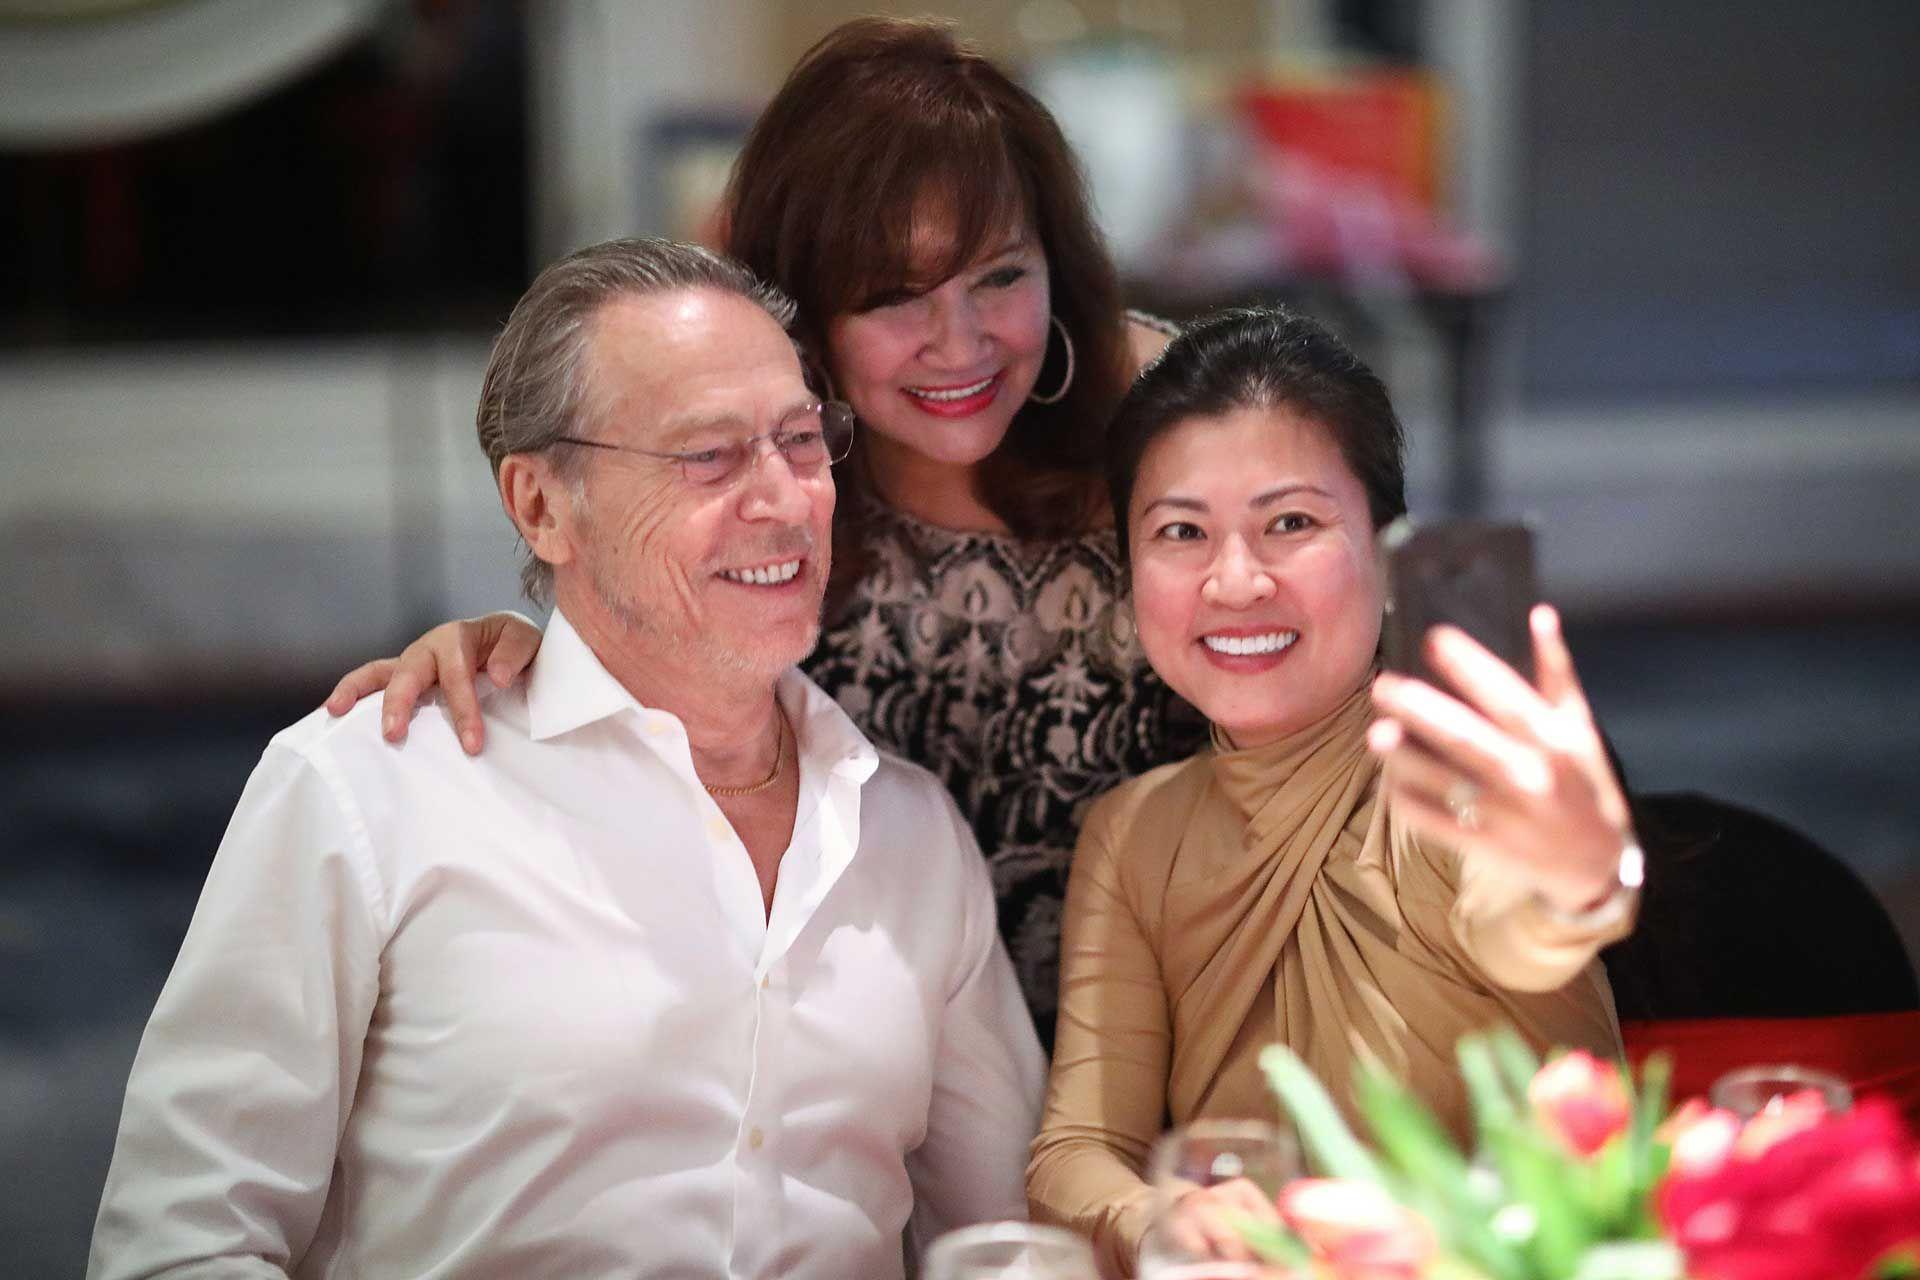 Tord Lissborg, Dato' Rosemarie and Shirley Lissborg